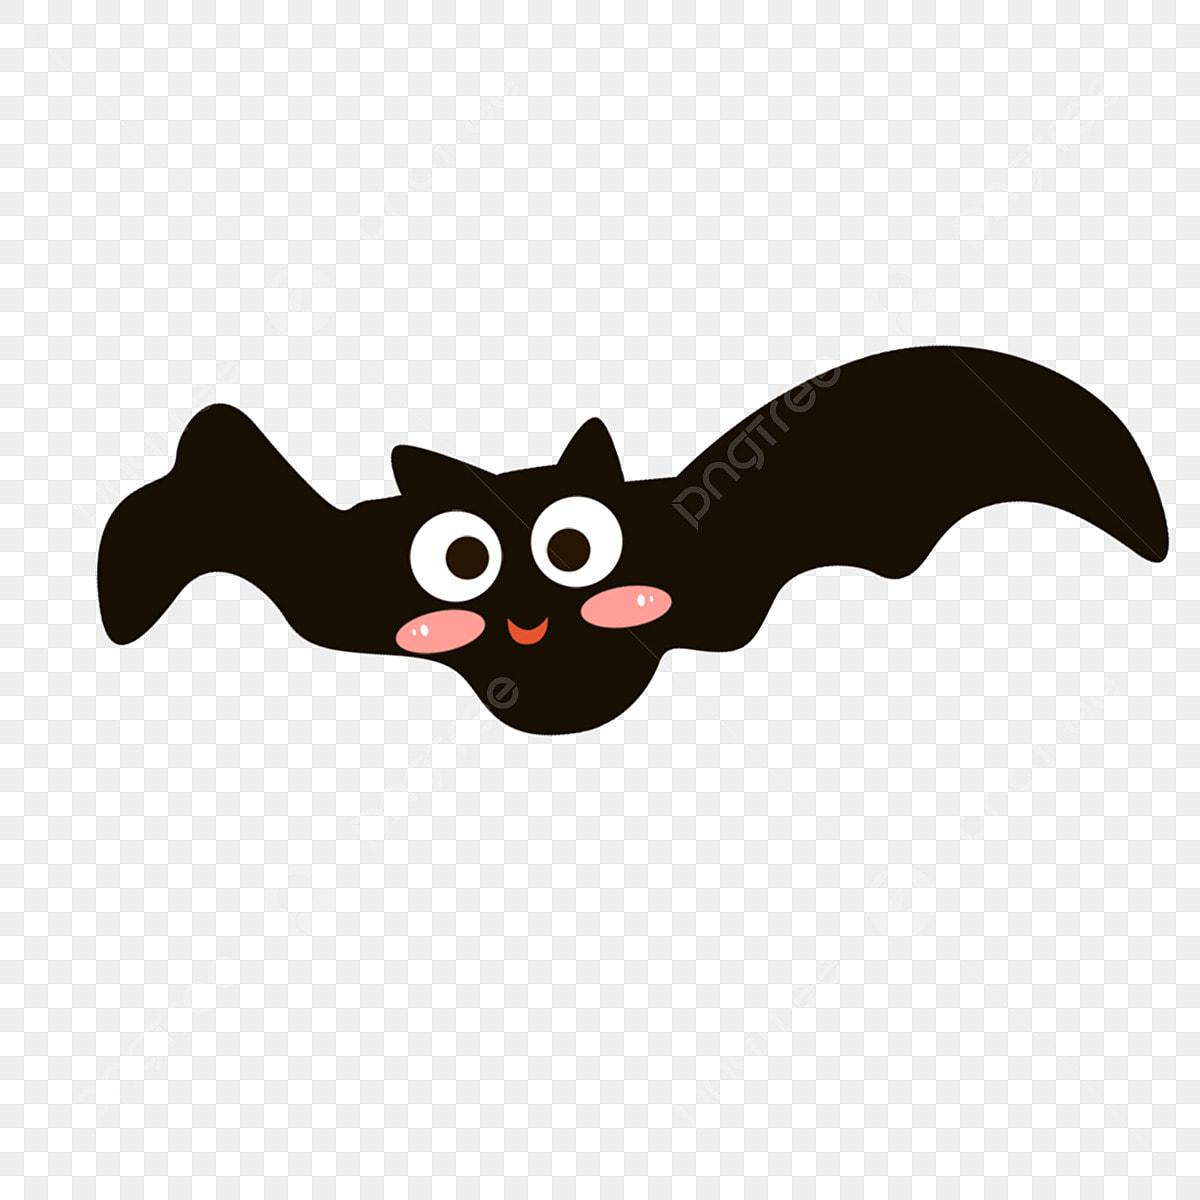 A Picture Of A Cartoon Bat cartoon bat cute bat cartoon bat scary, flight, cute bat